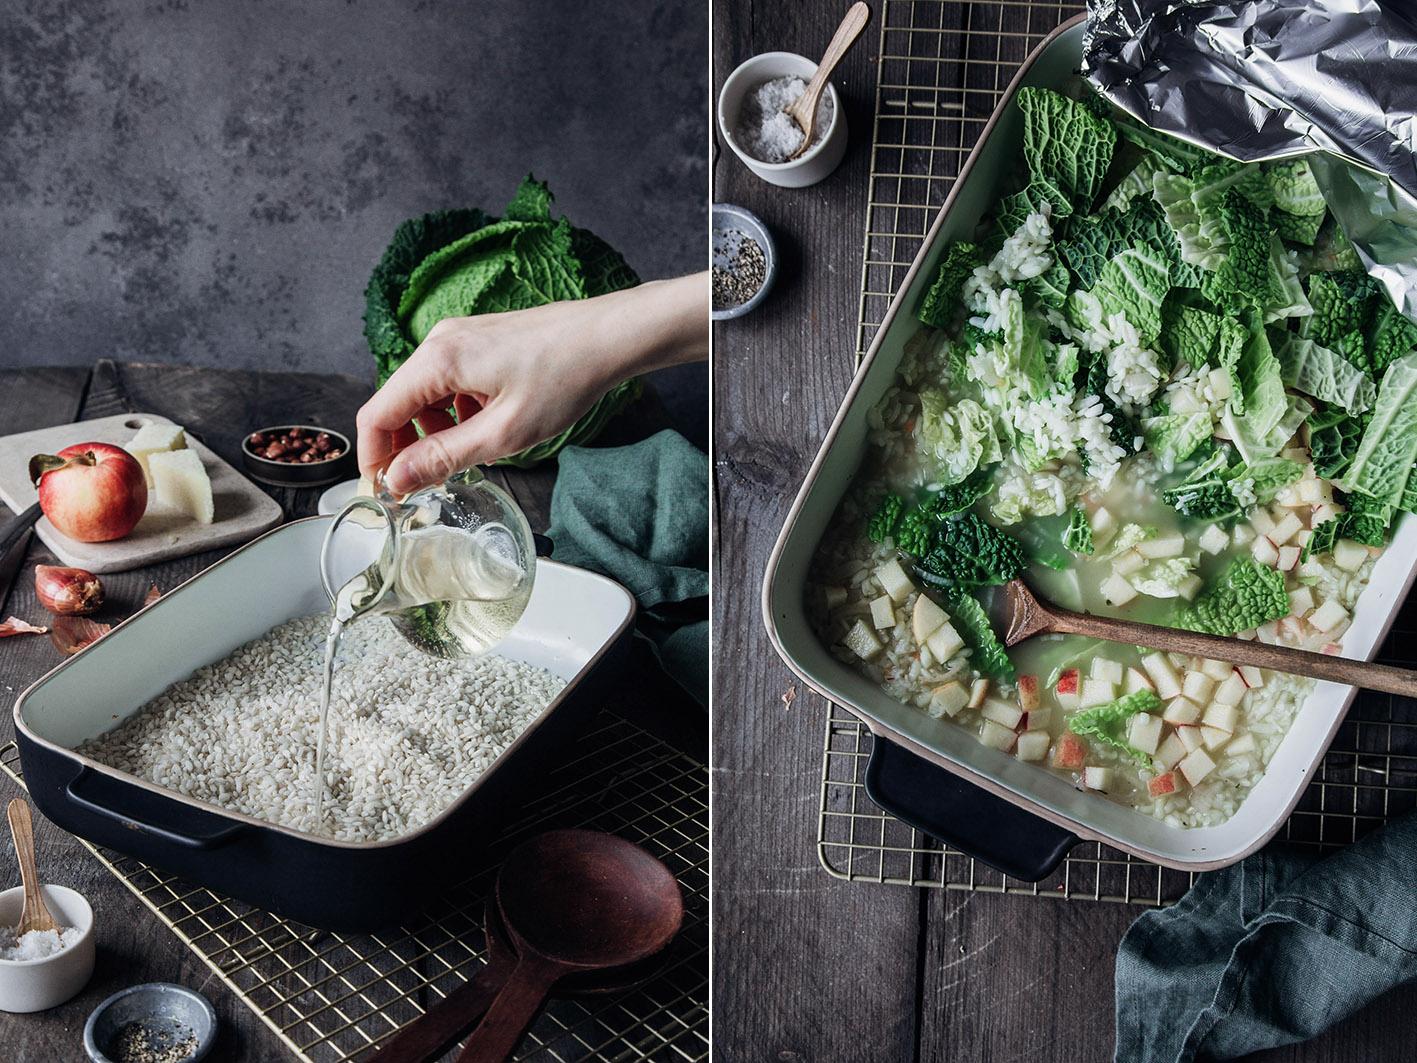 Risotto im Ofen zubereiten - Rezept für Wirsingrisotto